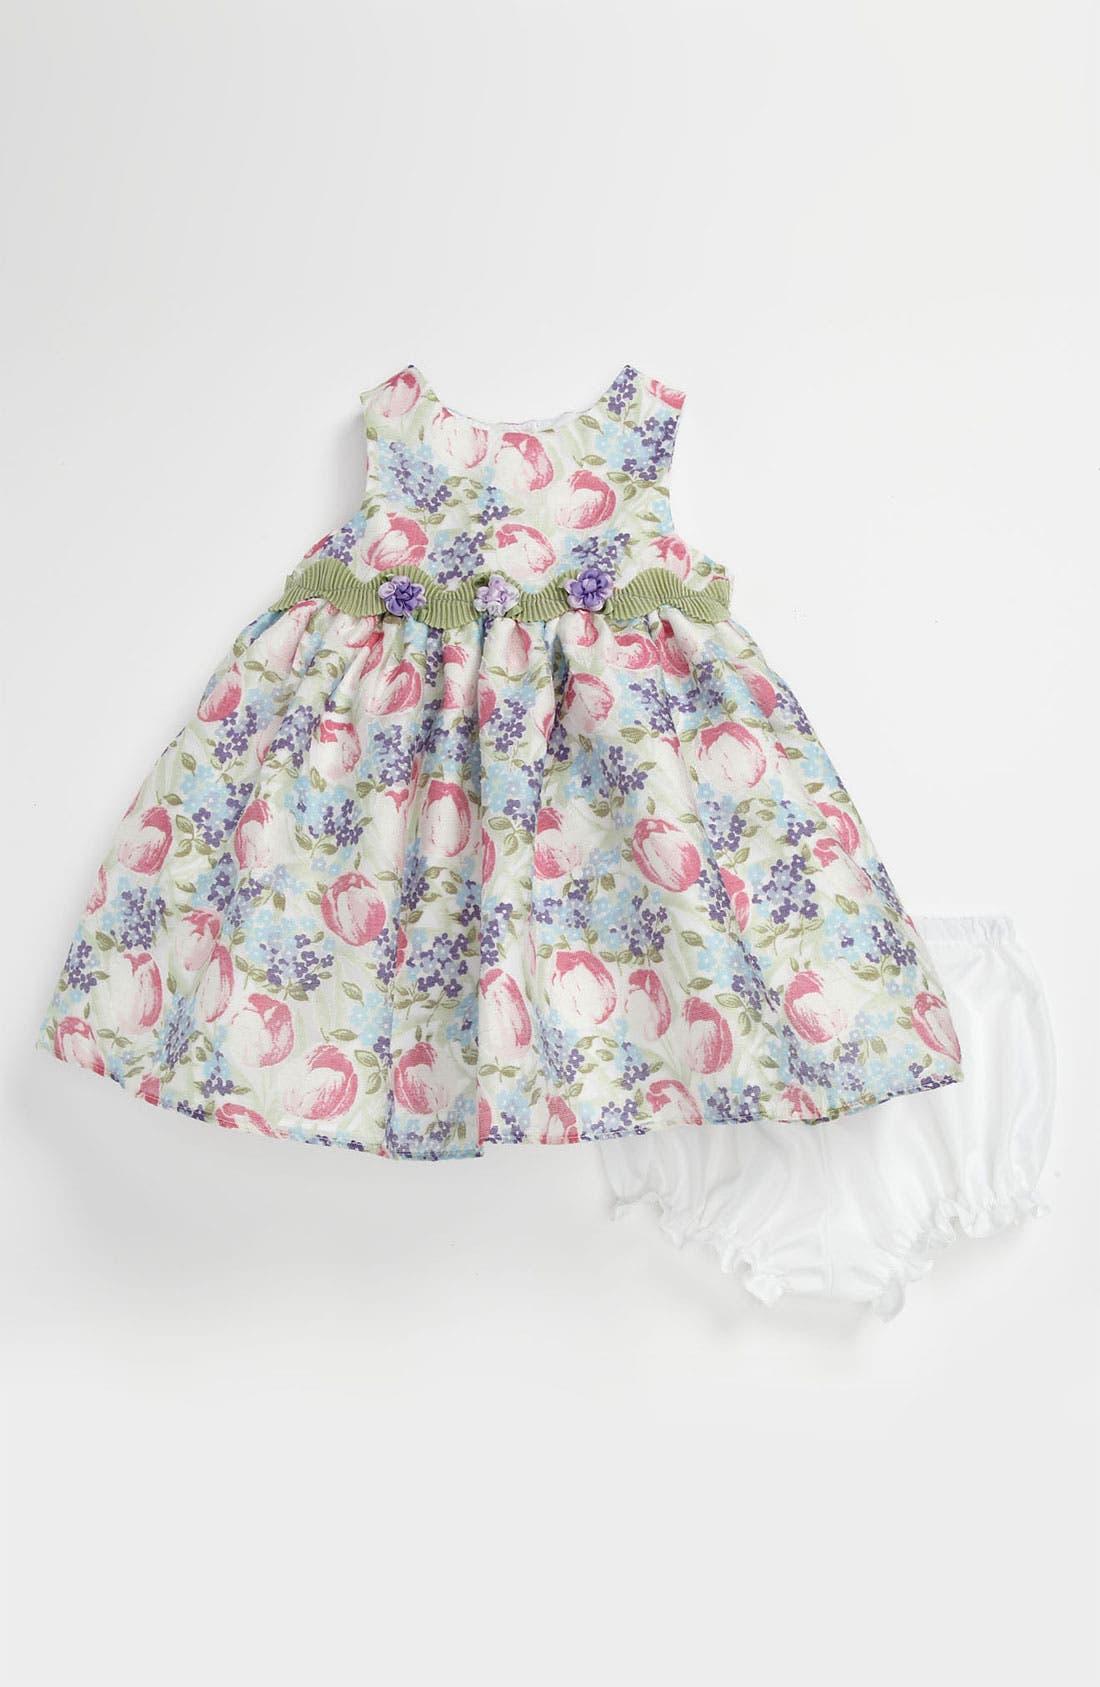 Main Image - Pippa & Julie Burnout Tulip Dress & Bloomers (Baby Girls)